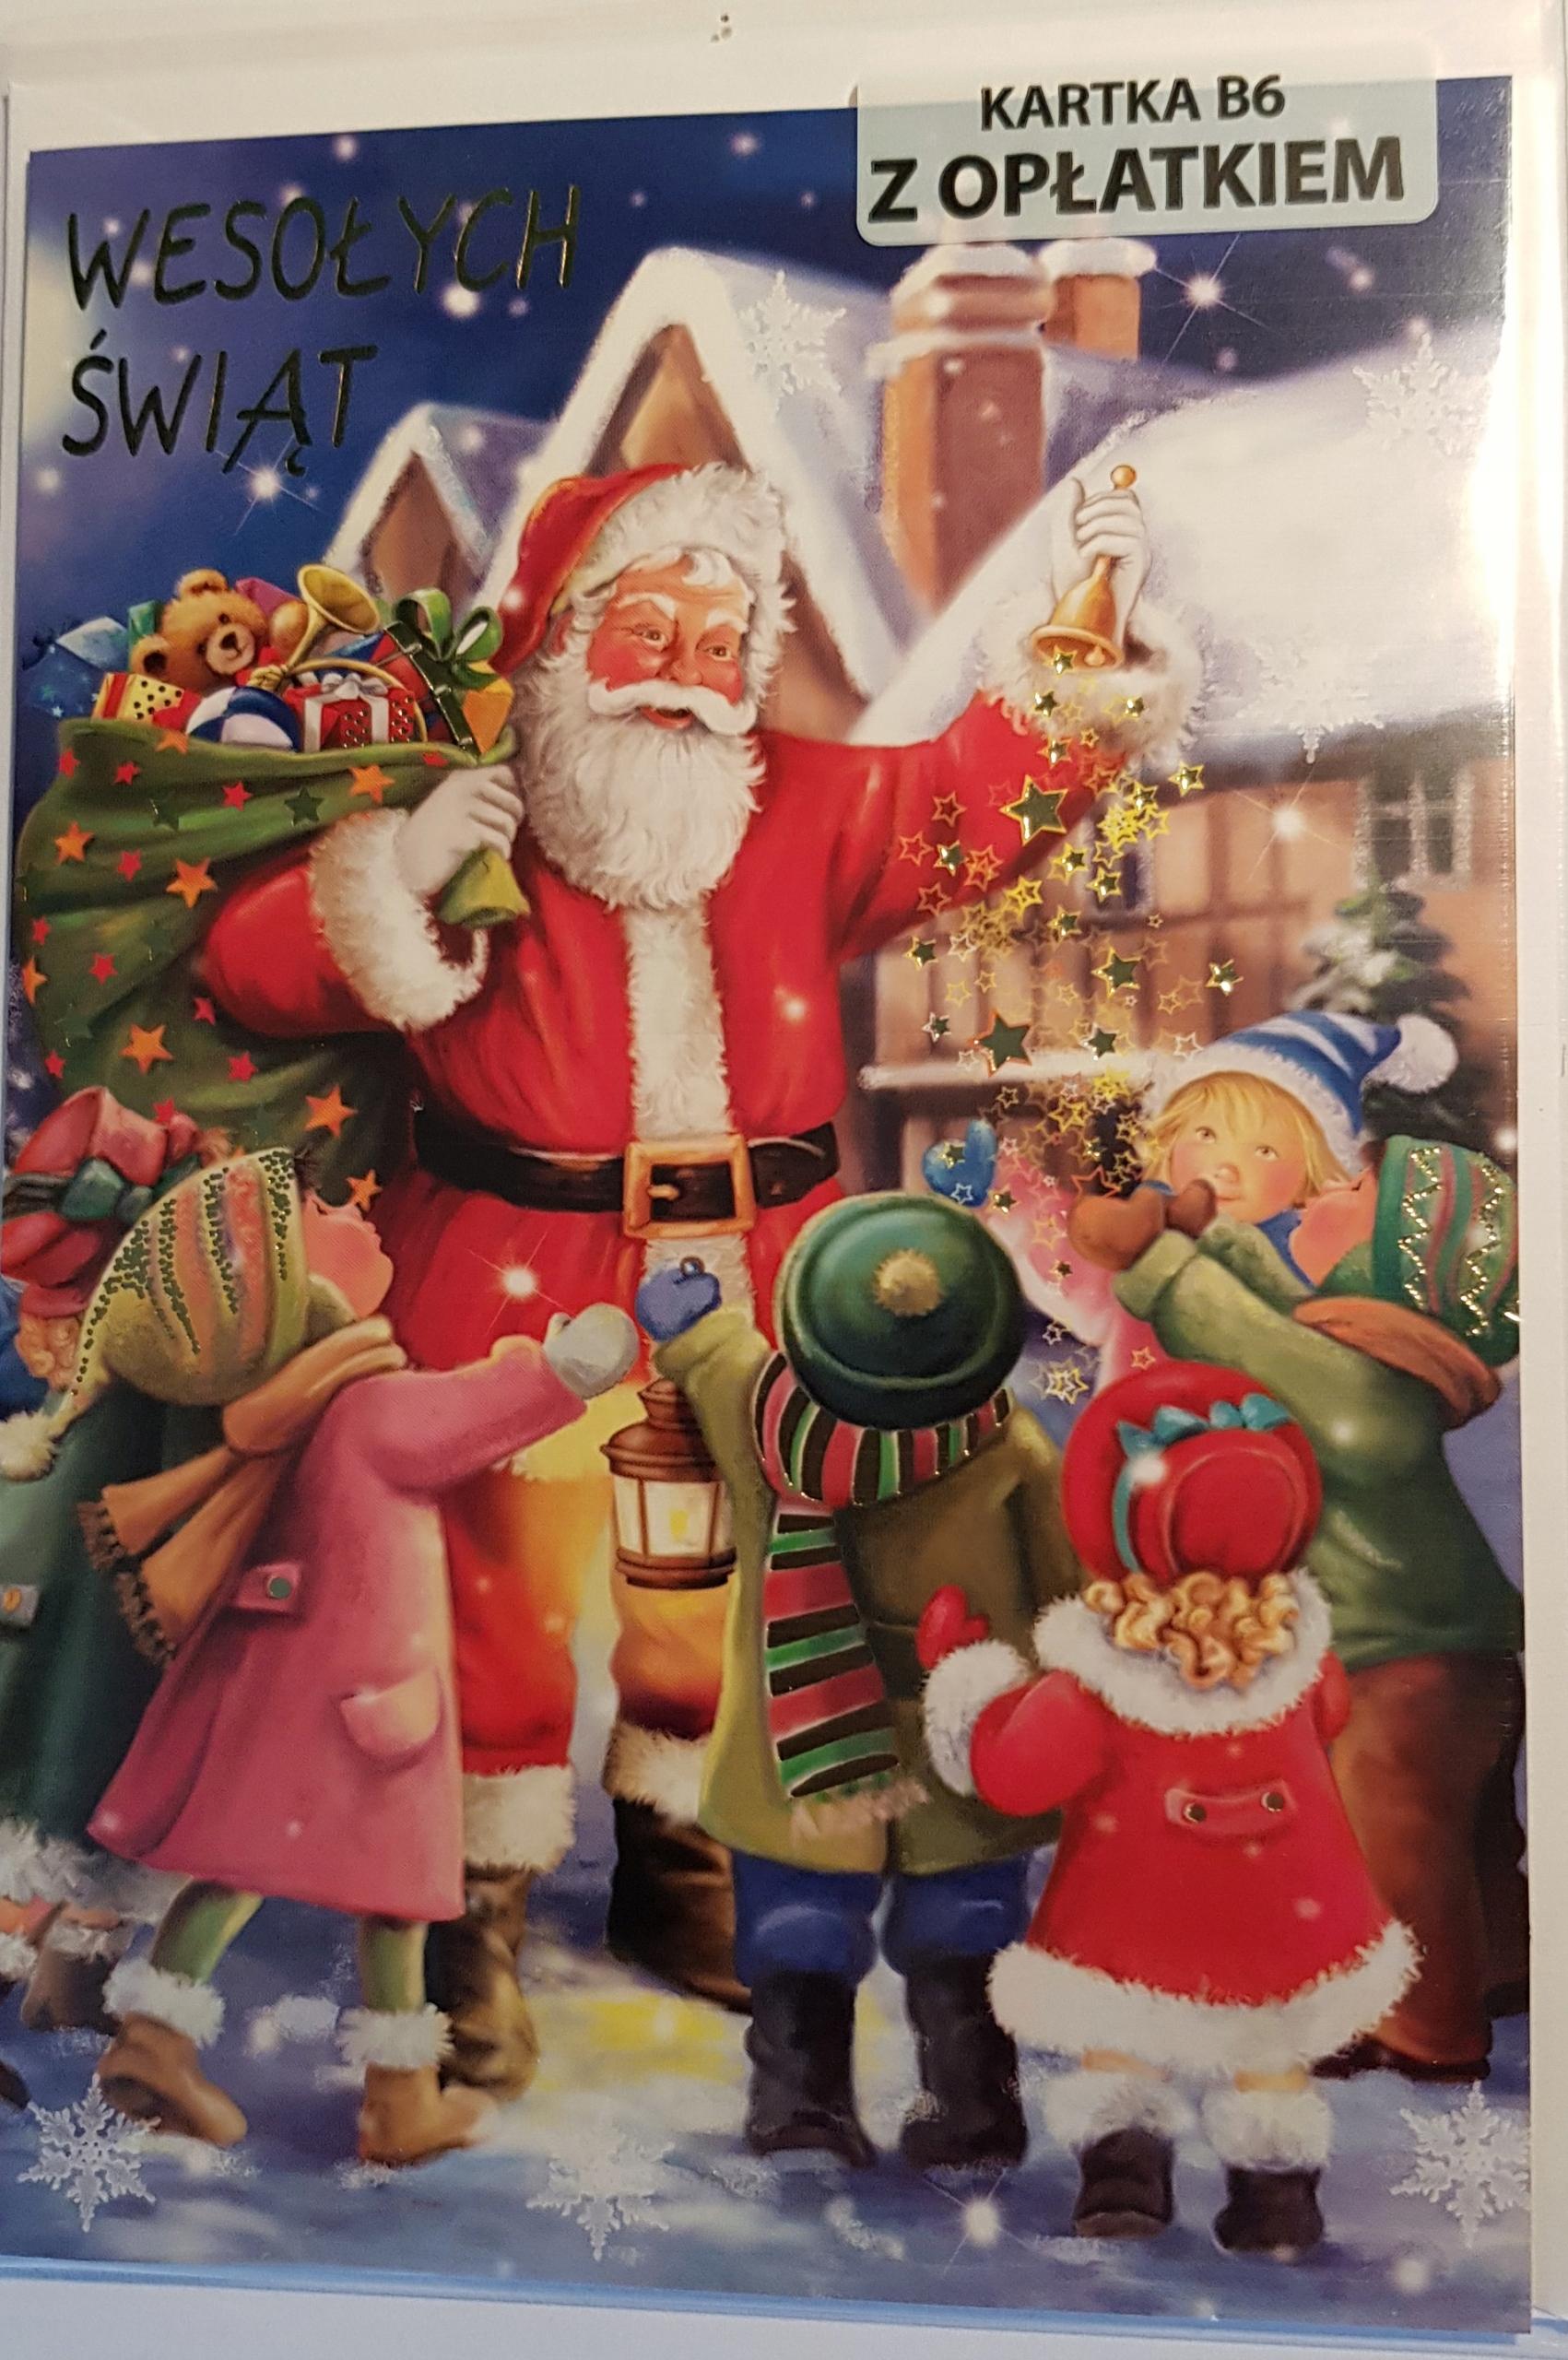 Karty s vianočnými oblátkami Vianoce